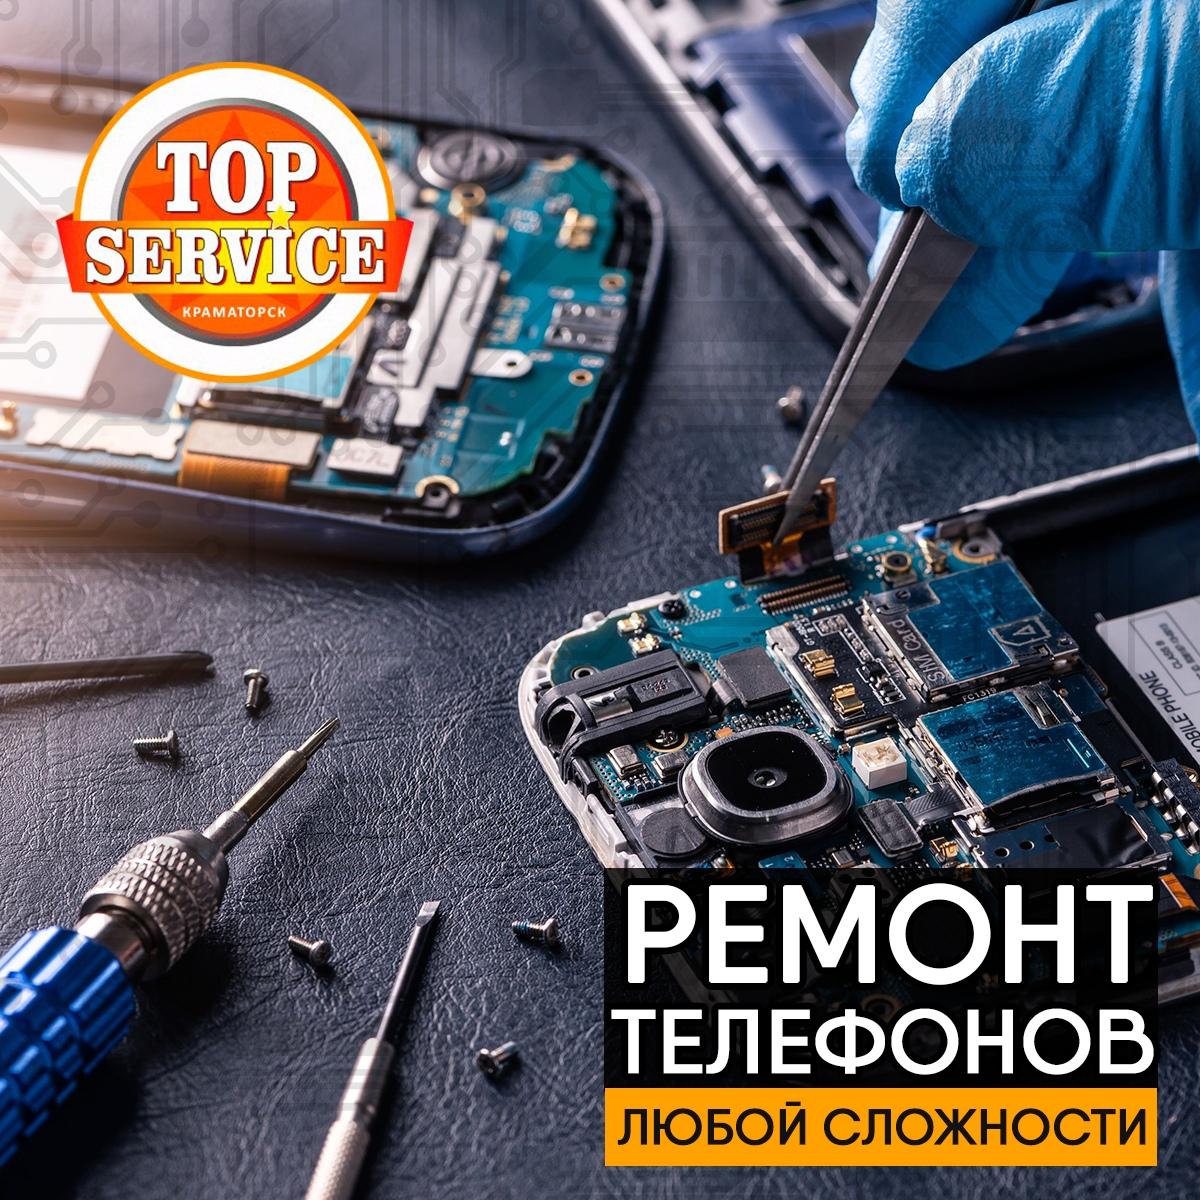 Специализированный сервисный-центр по ремонту смартфонов: замена экрана, замена аккумулятора, ремонт и замена модулей связи, динамиков, кнопок!